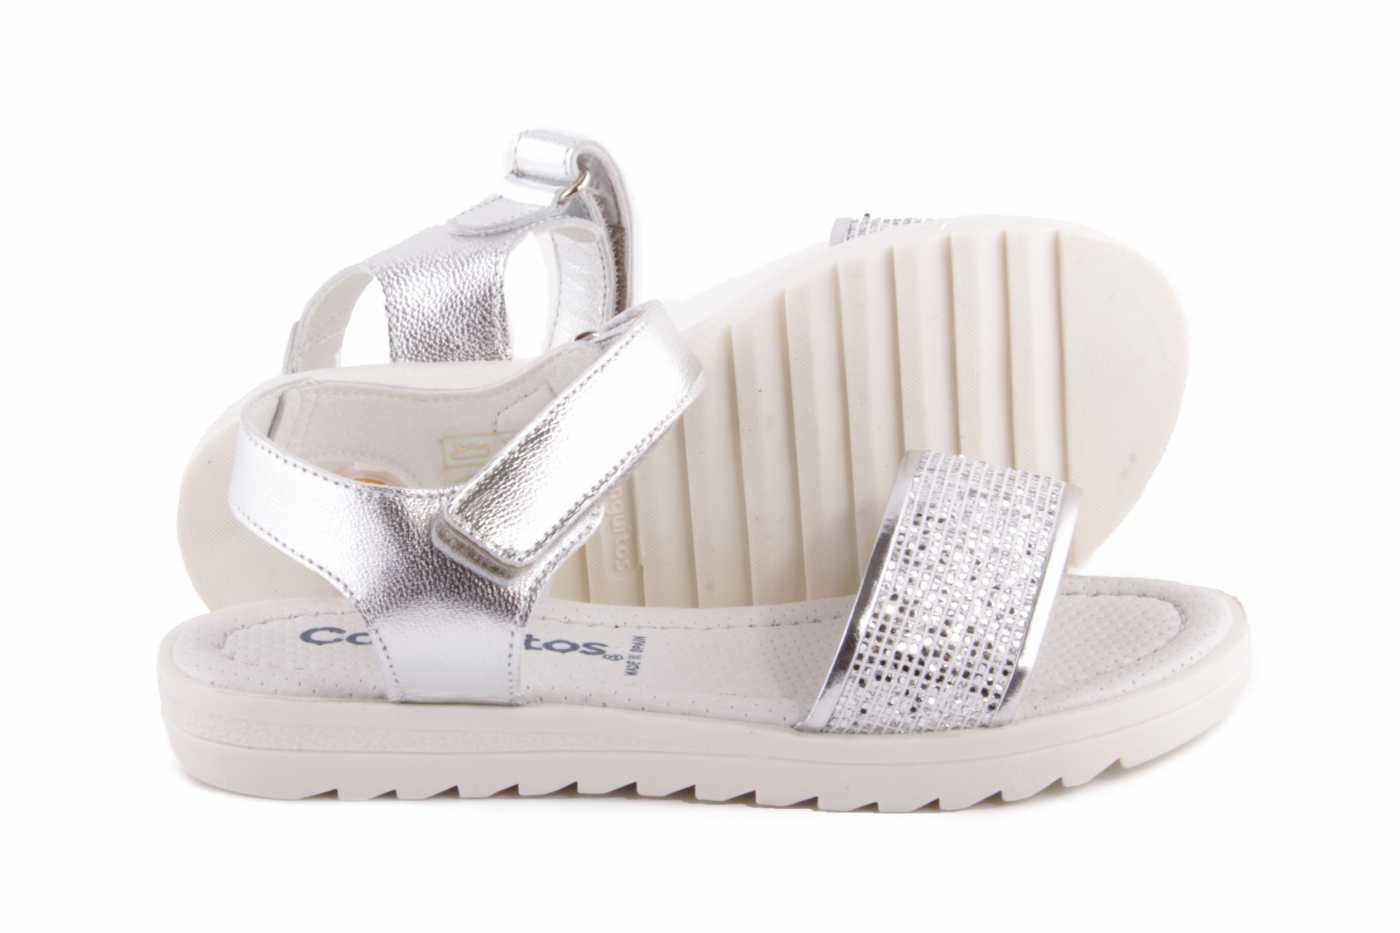 Comprar Color Sandalia Niña Plata Zapato Joven Tipo Estilo qULjpSzMVG